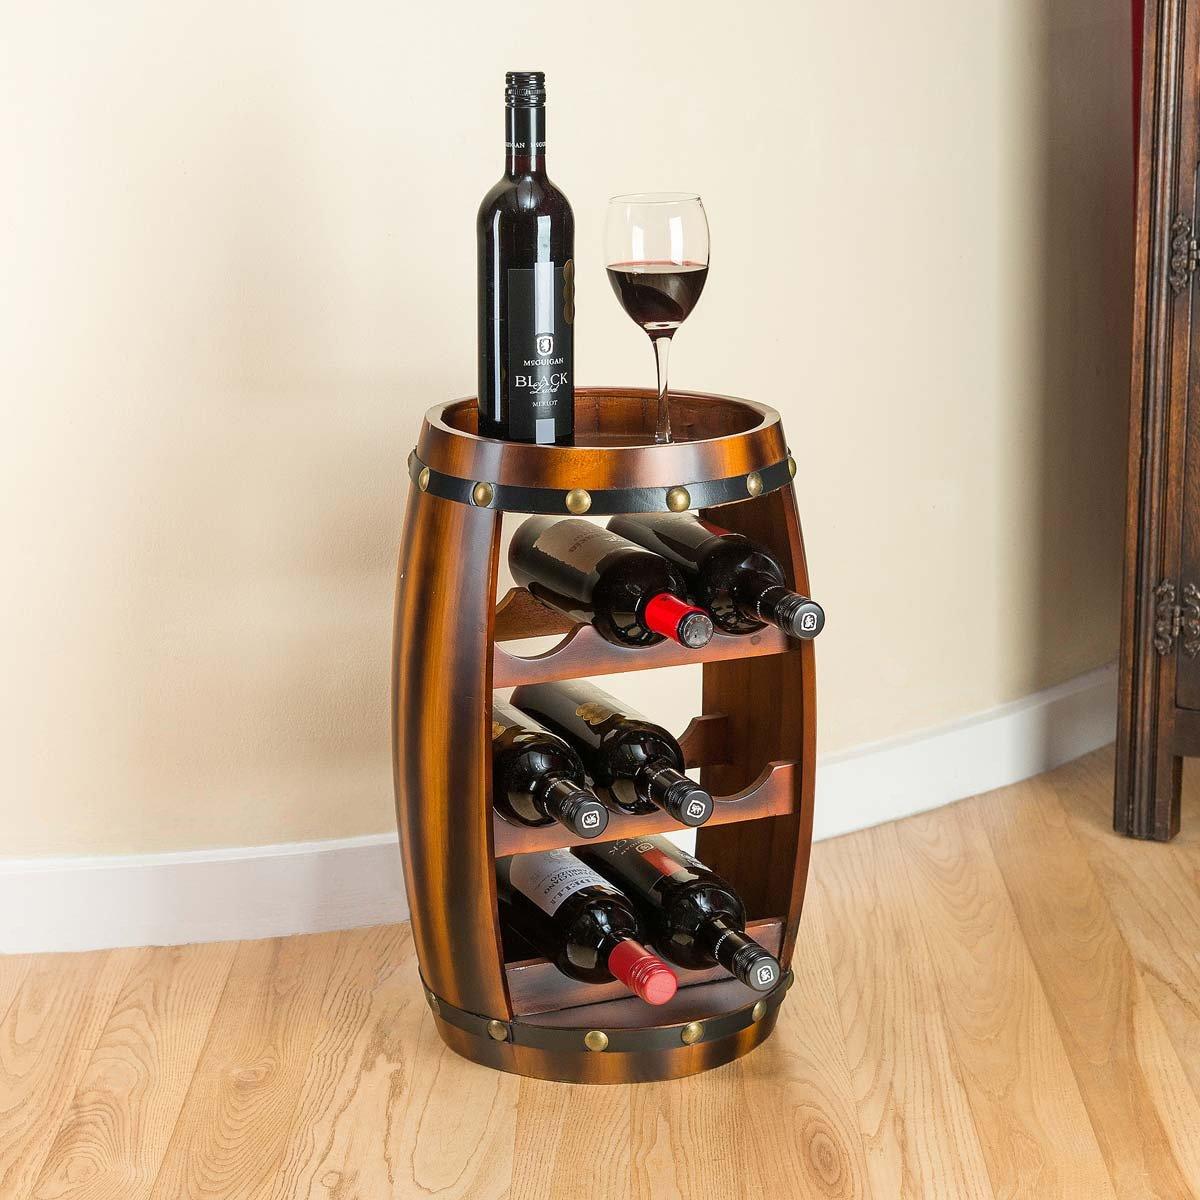 Hölzernes Faß Weinregal Holz-Flaschenhalter Table Top 8 Flaschen Christow H50cm